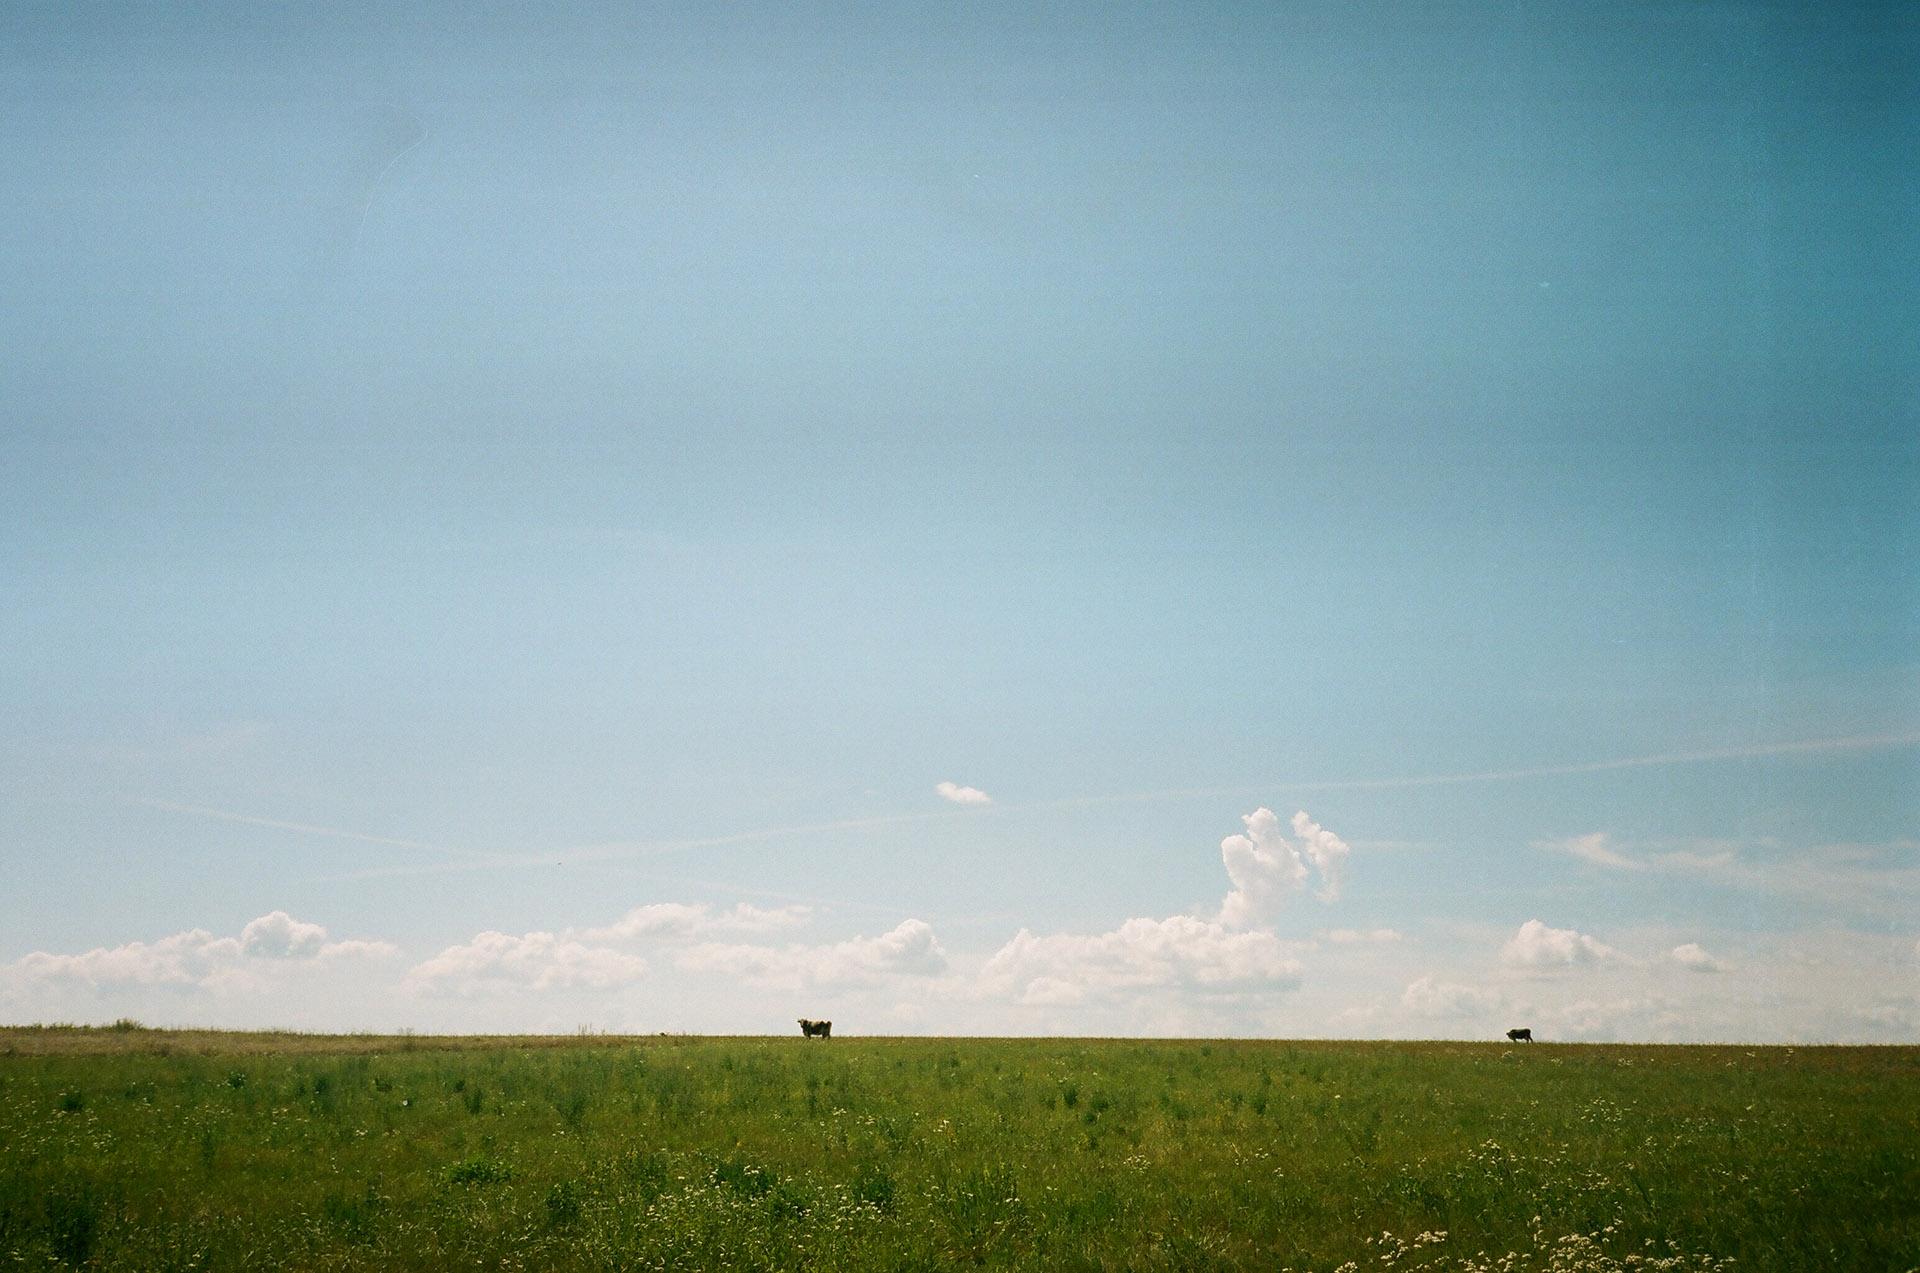 Група людей, що стоять на пишному зеленому полі